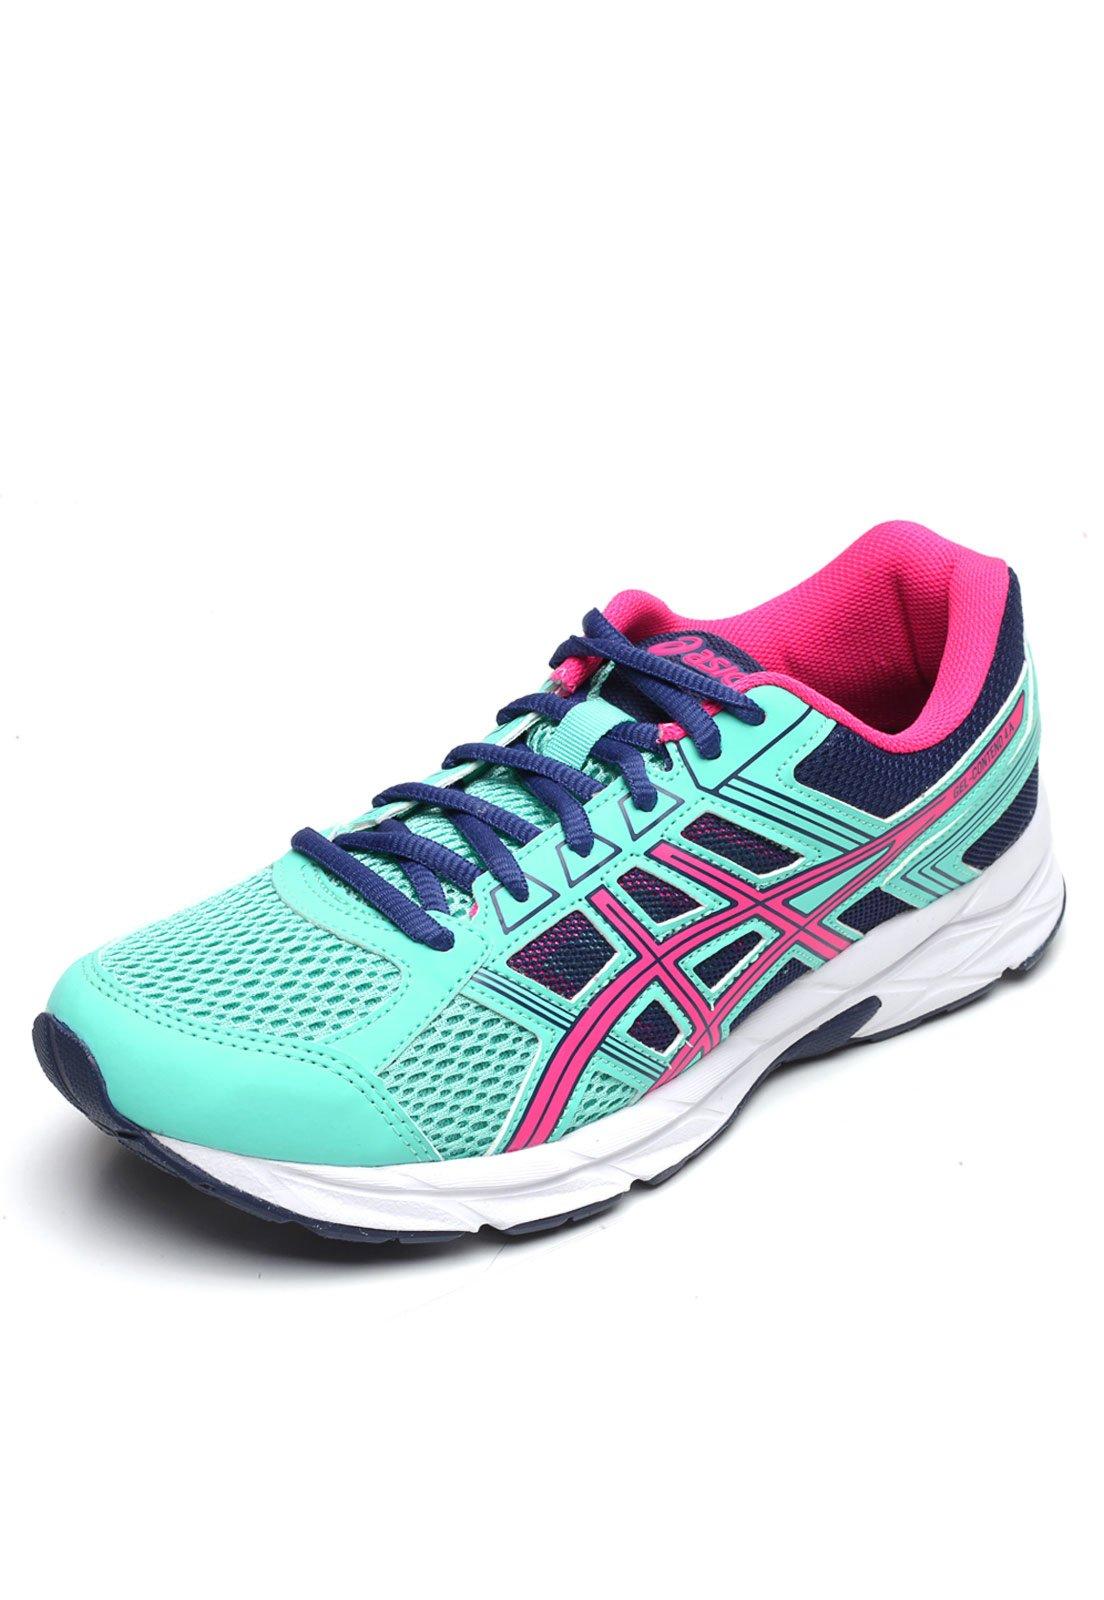 tenis asics feminino roxo e rosa 30